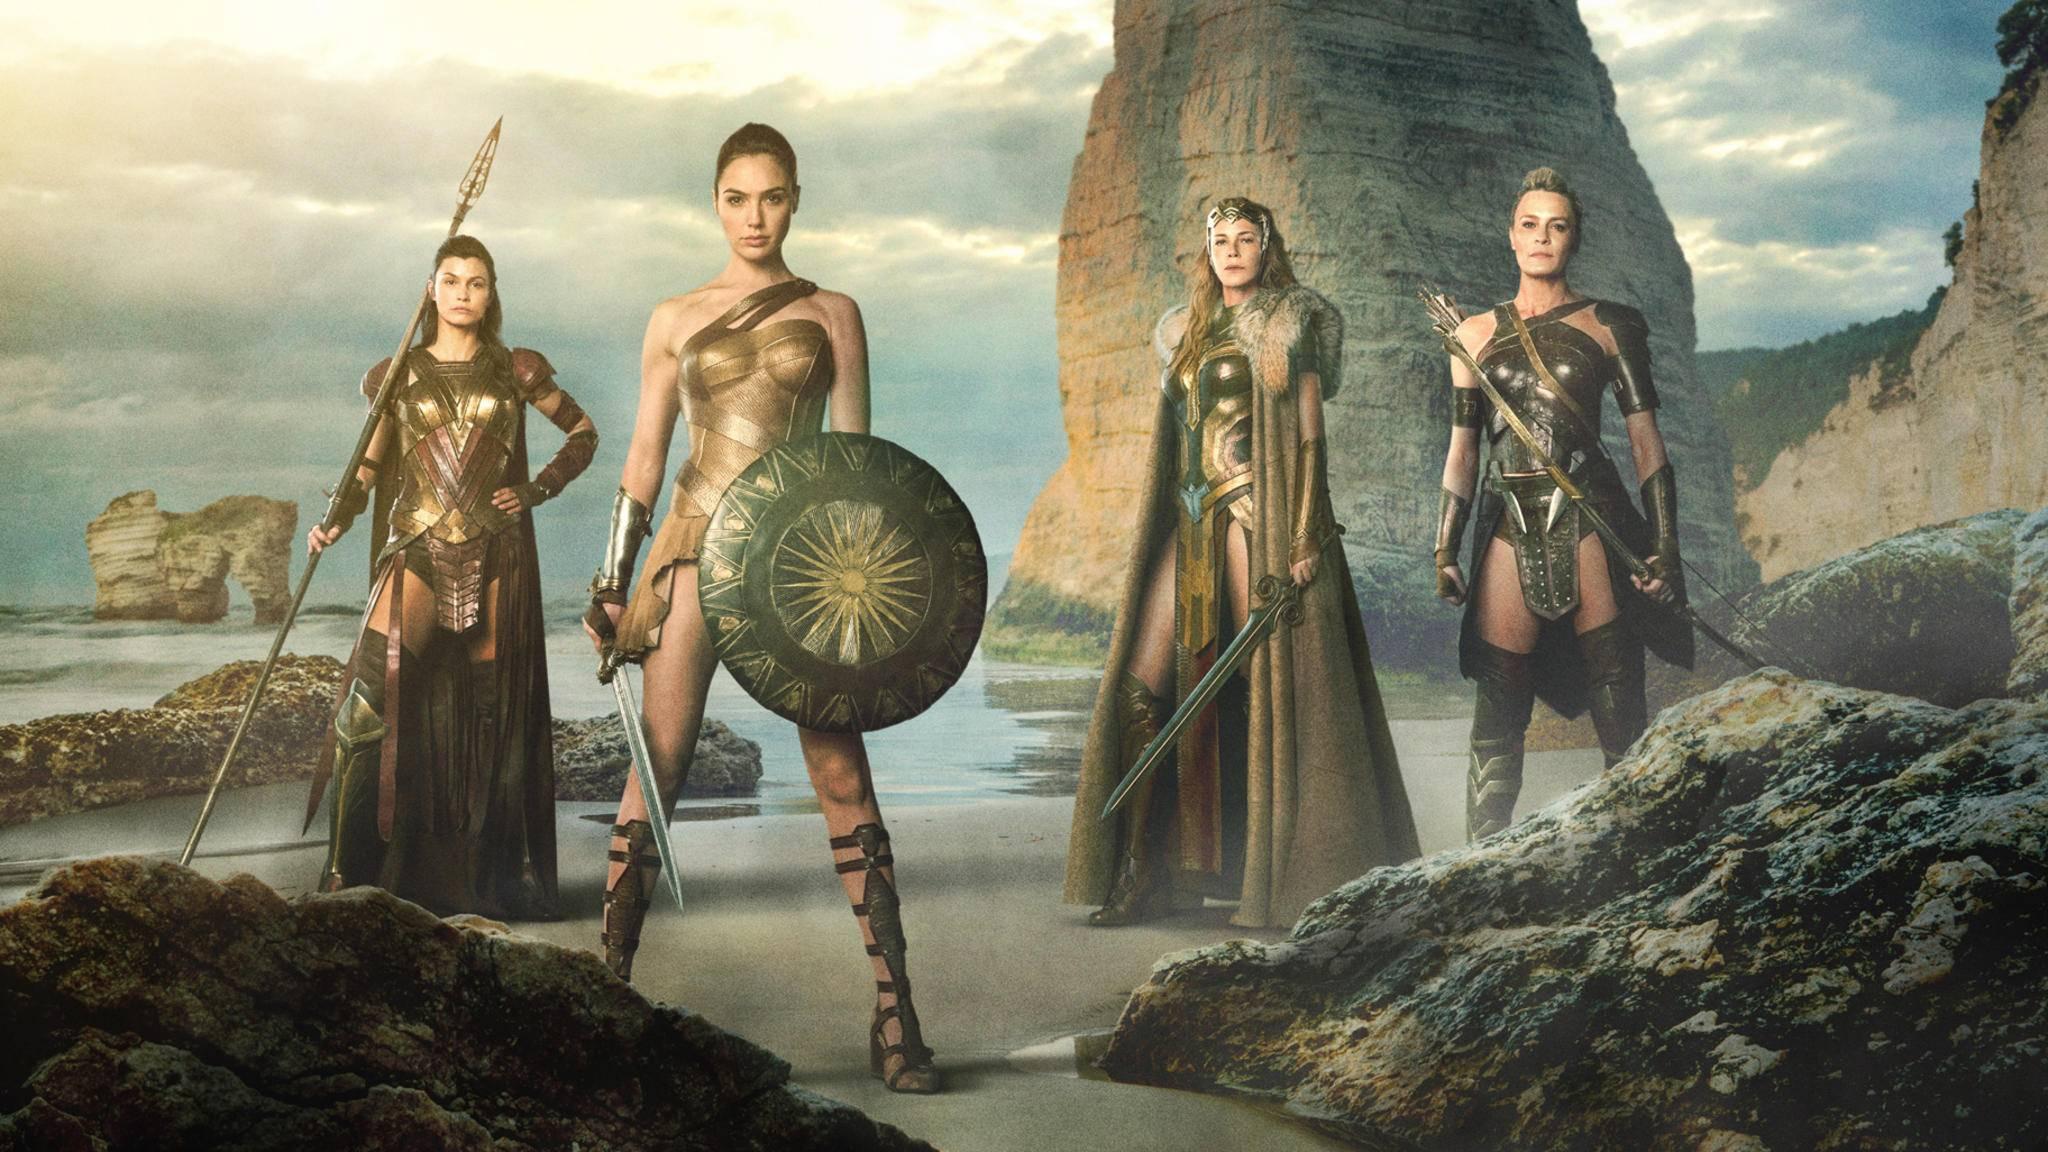 Als ausgebildete Amazone besitzt Wonder Woman übermenschliche Stärke.